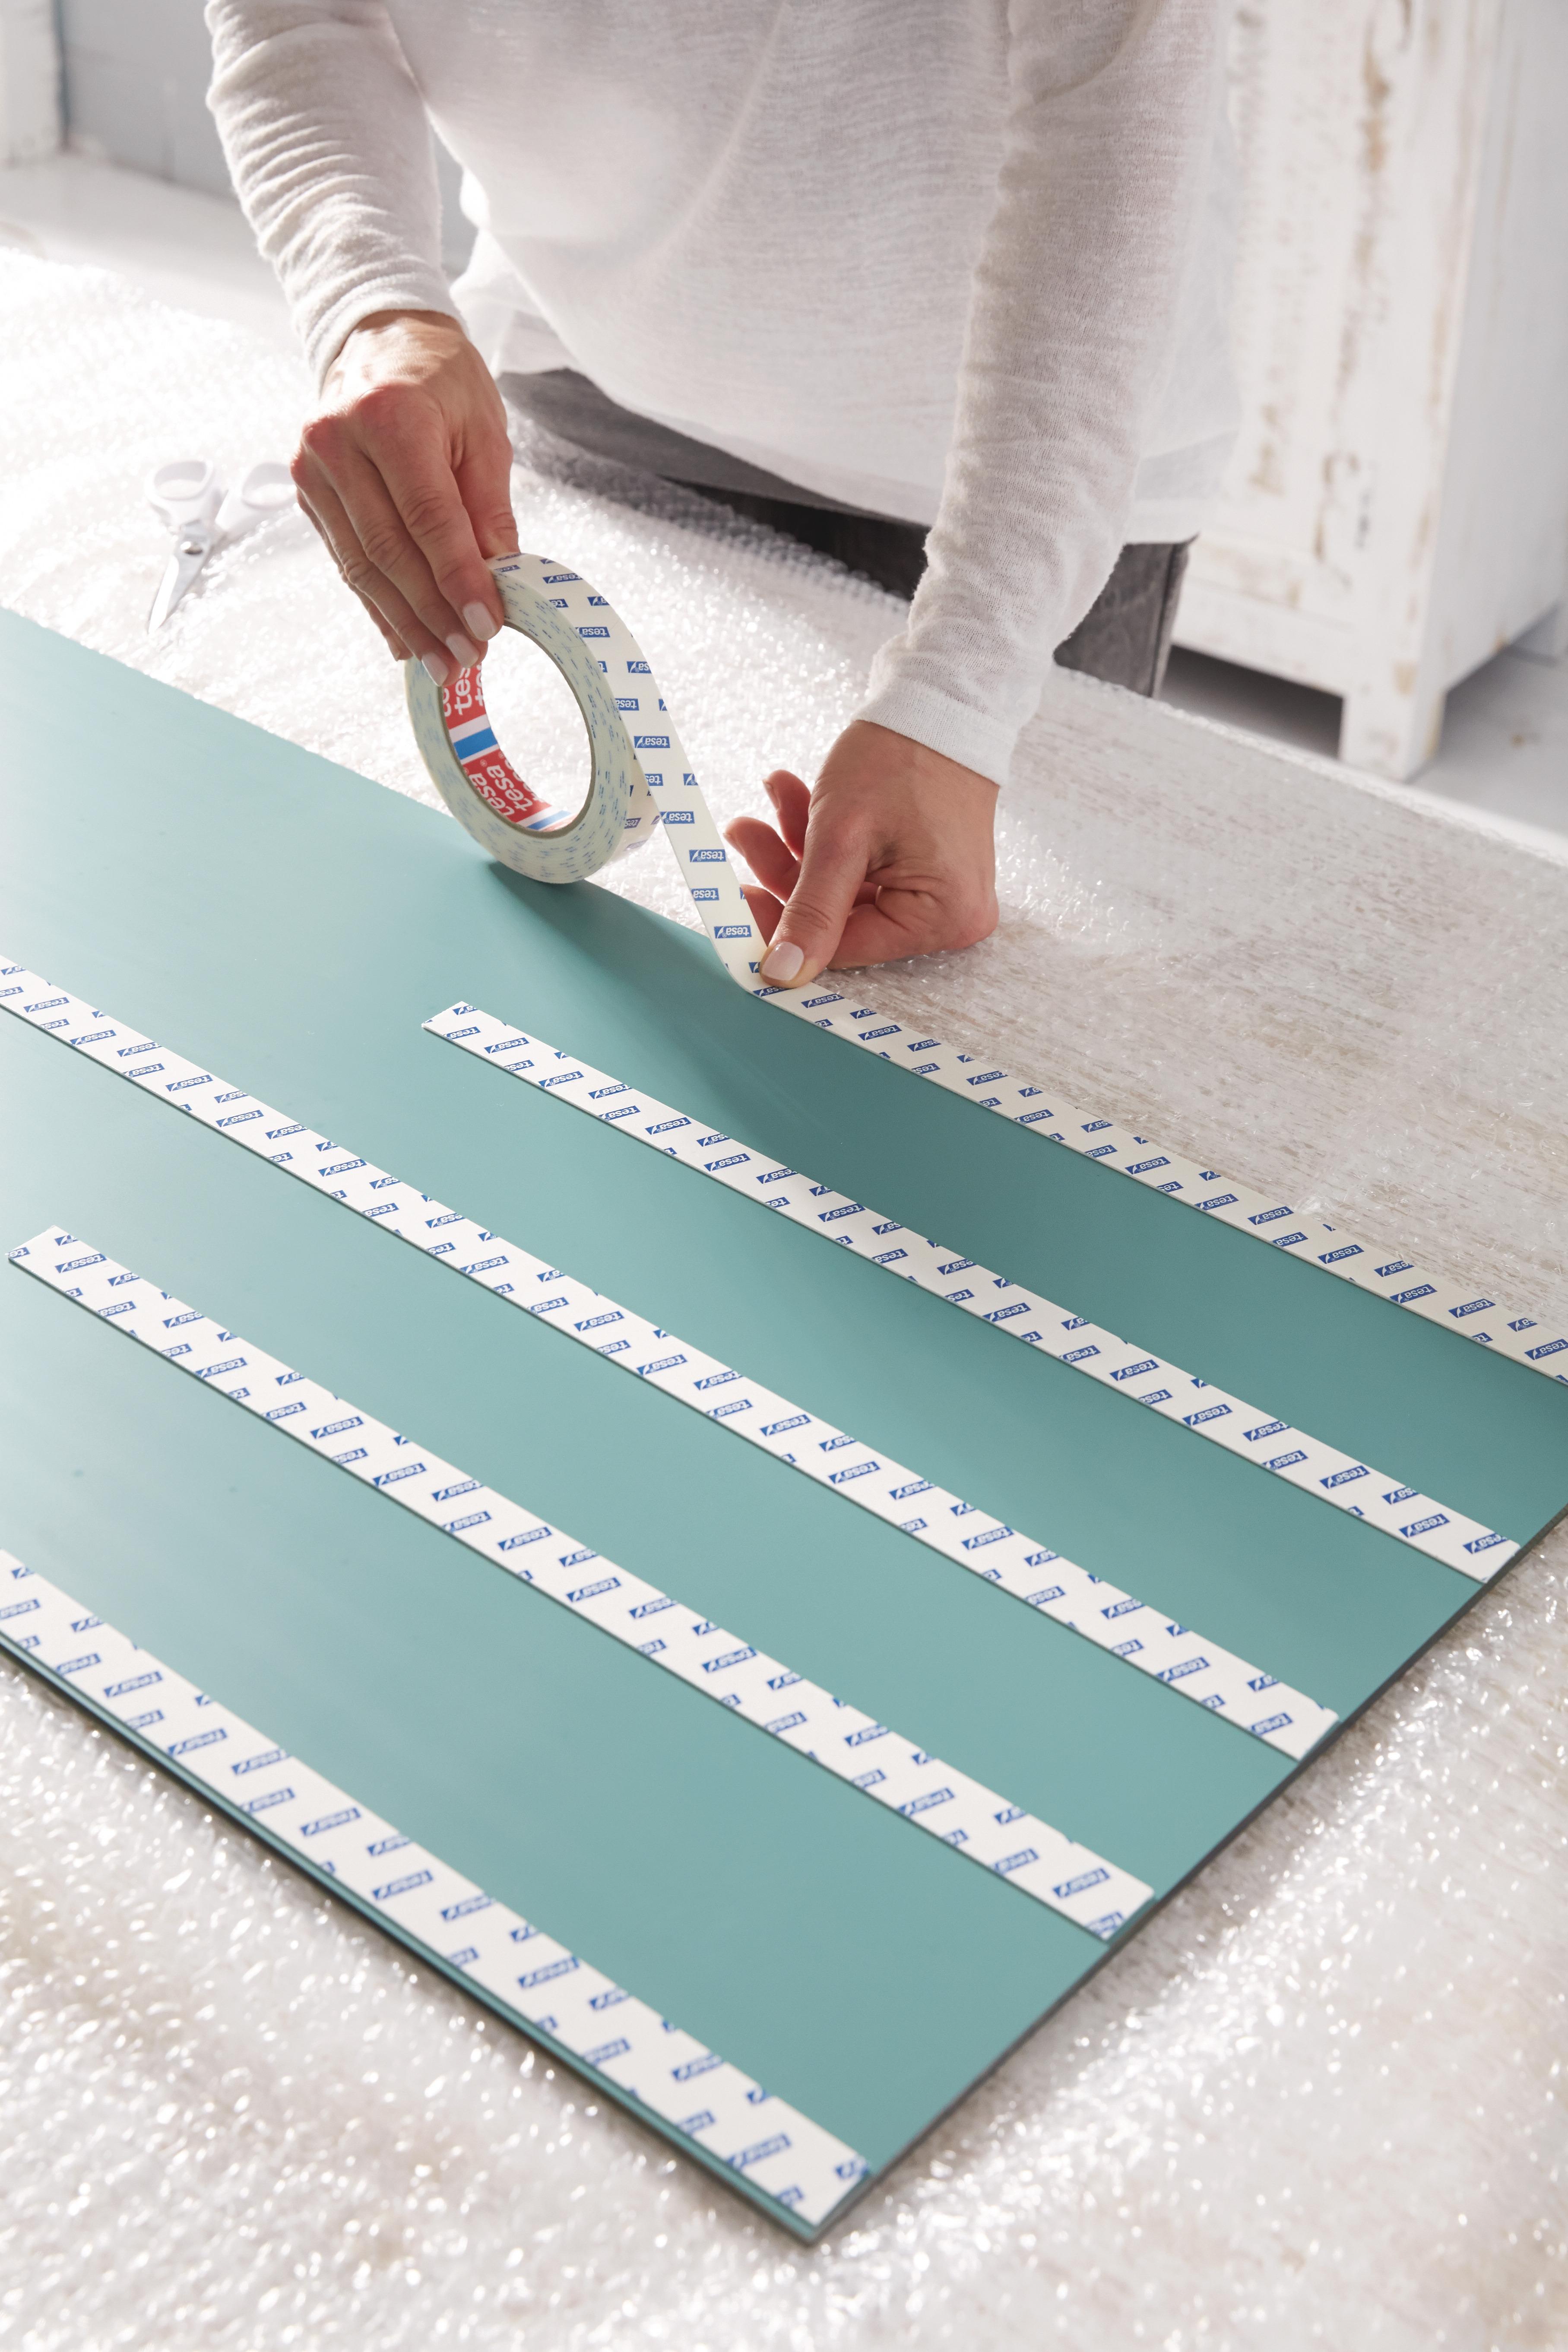 Indexbild 11 - tesa doppelseitiges Klebeband Montageband stark klebend beidseitig für Spiegel